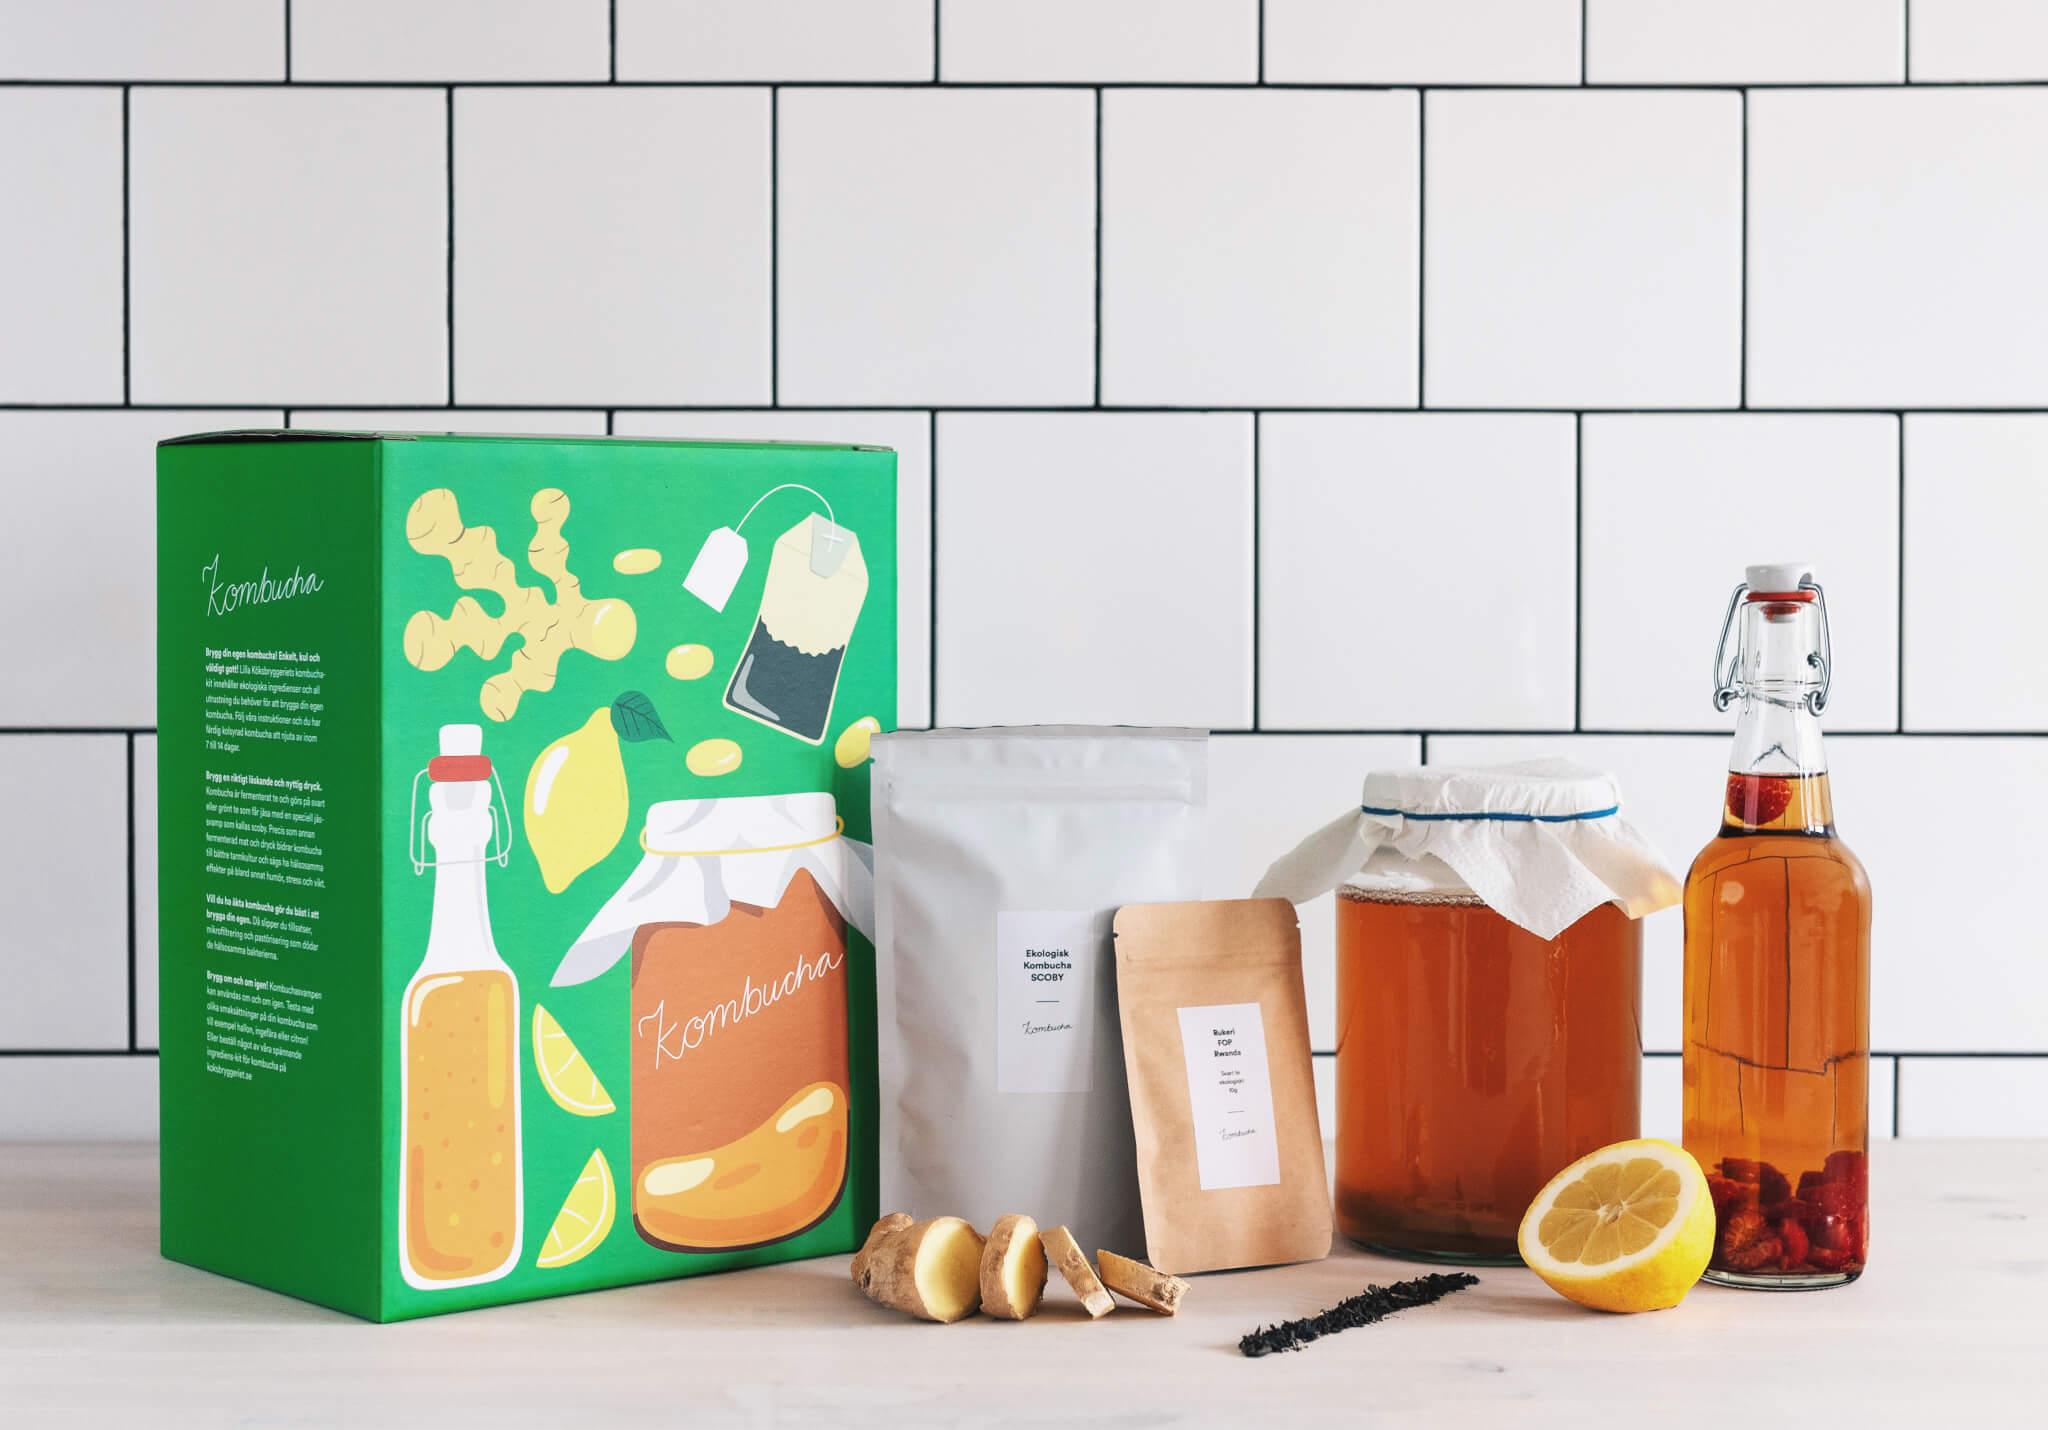 emballage de Det Lilla Köksbryggeriet